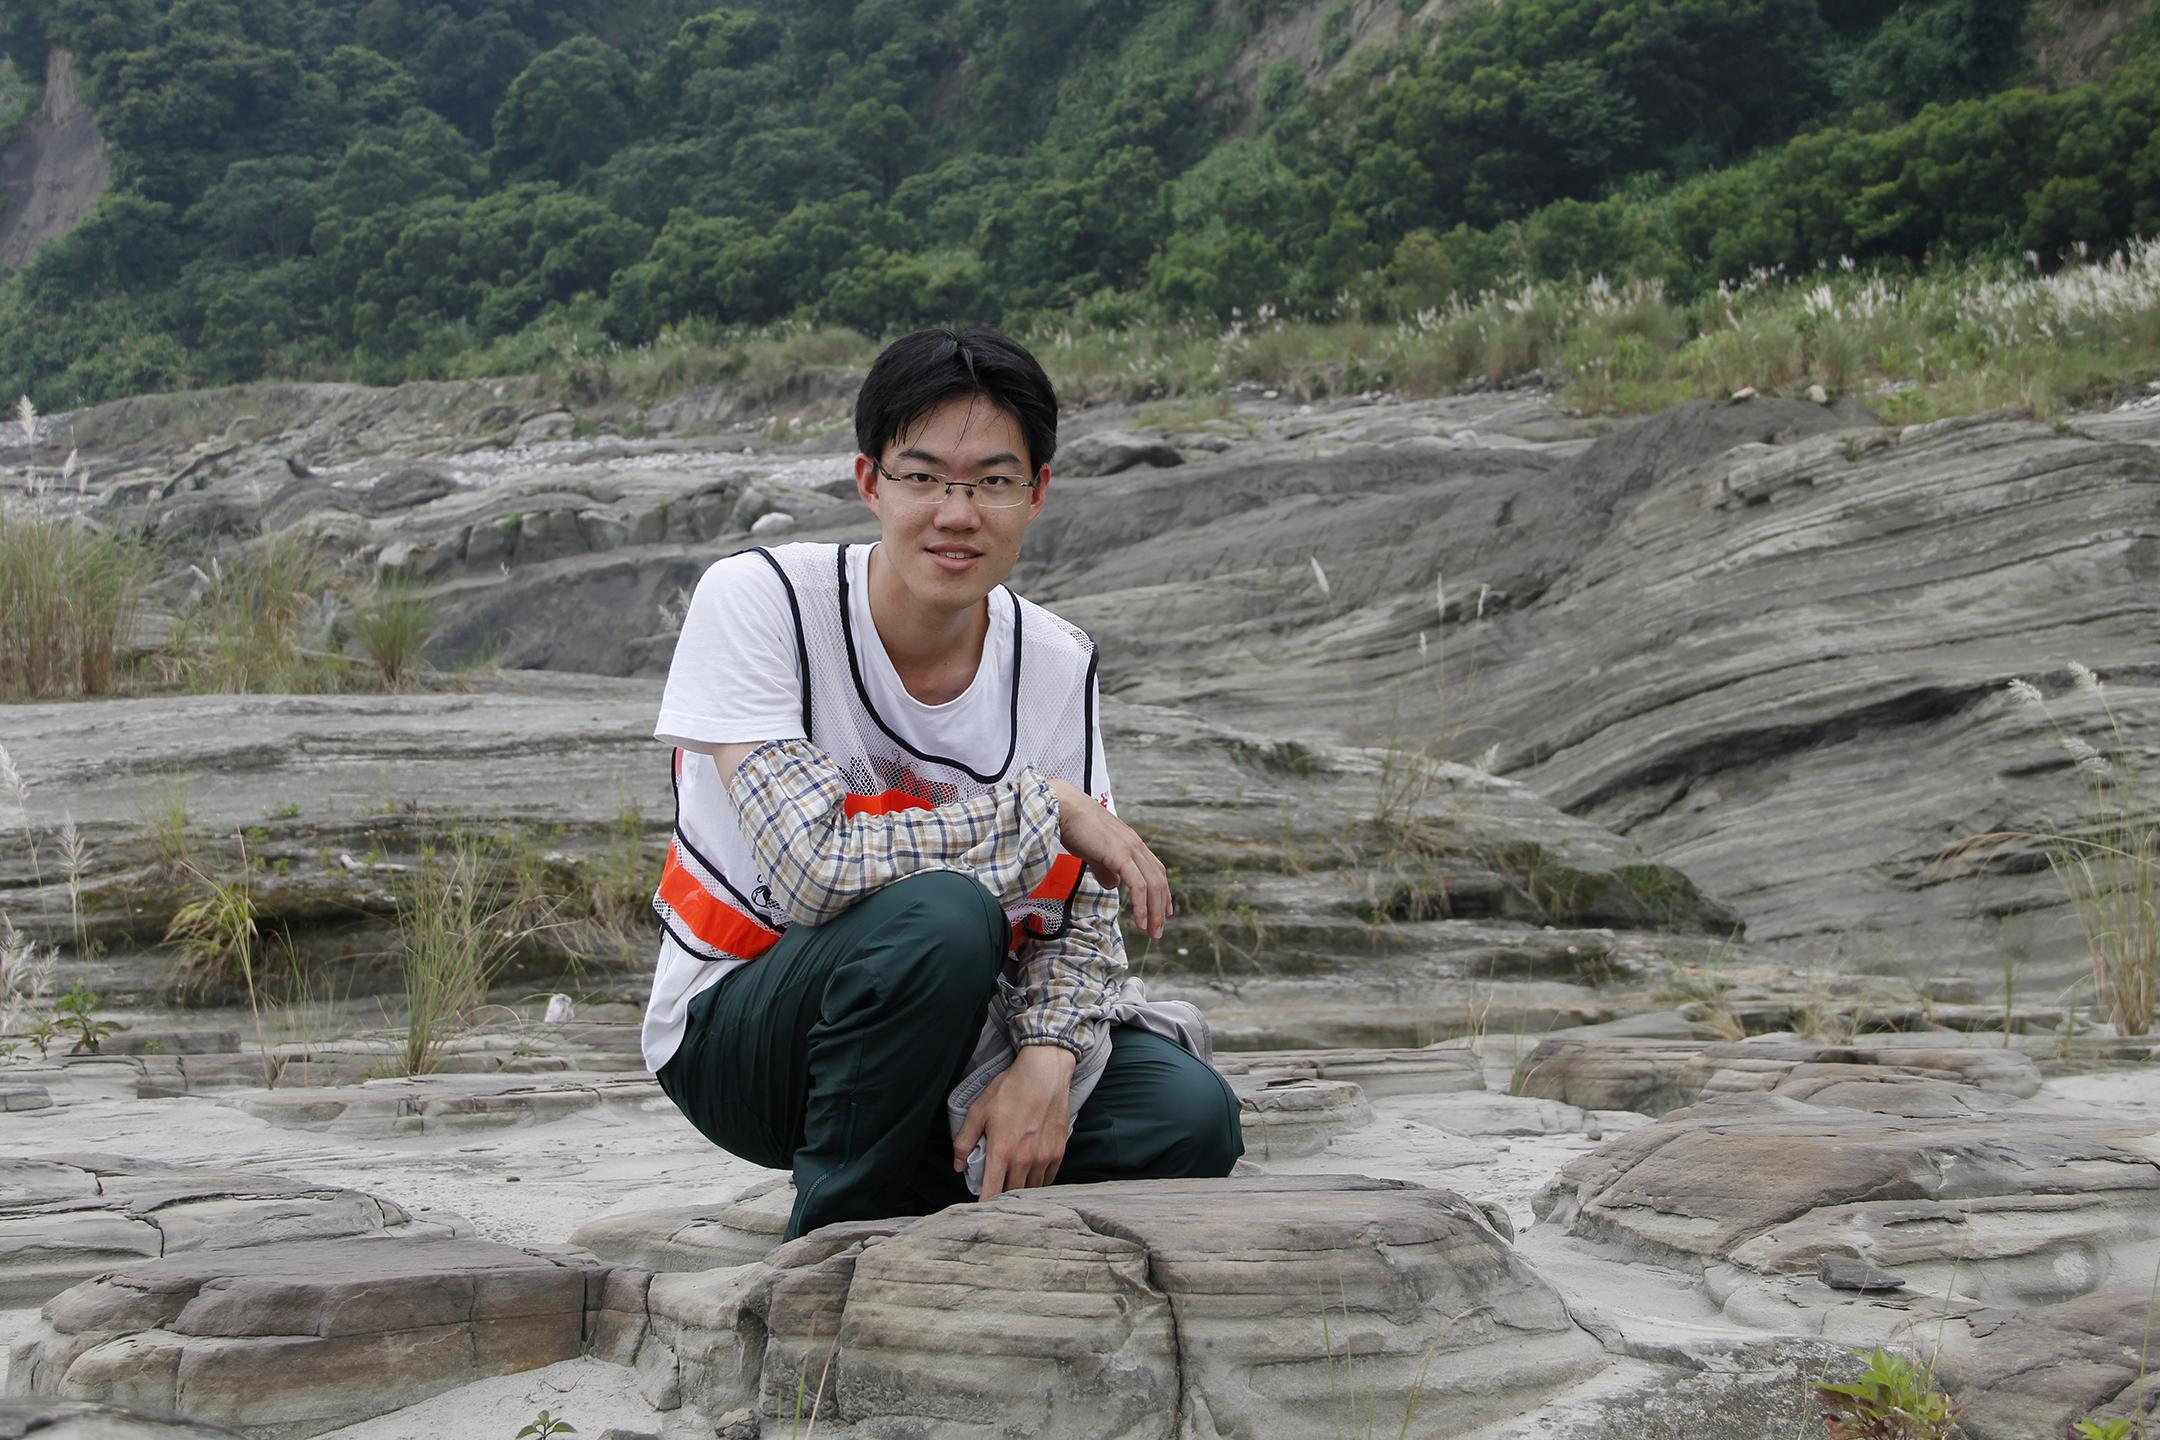 Shiuan-An (Andrew) Chen